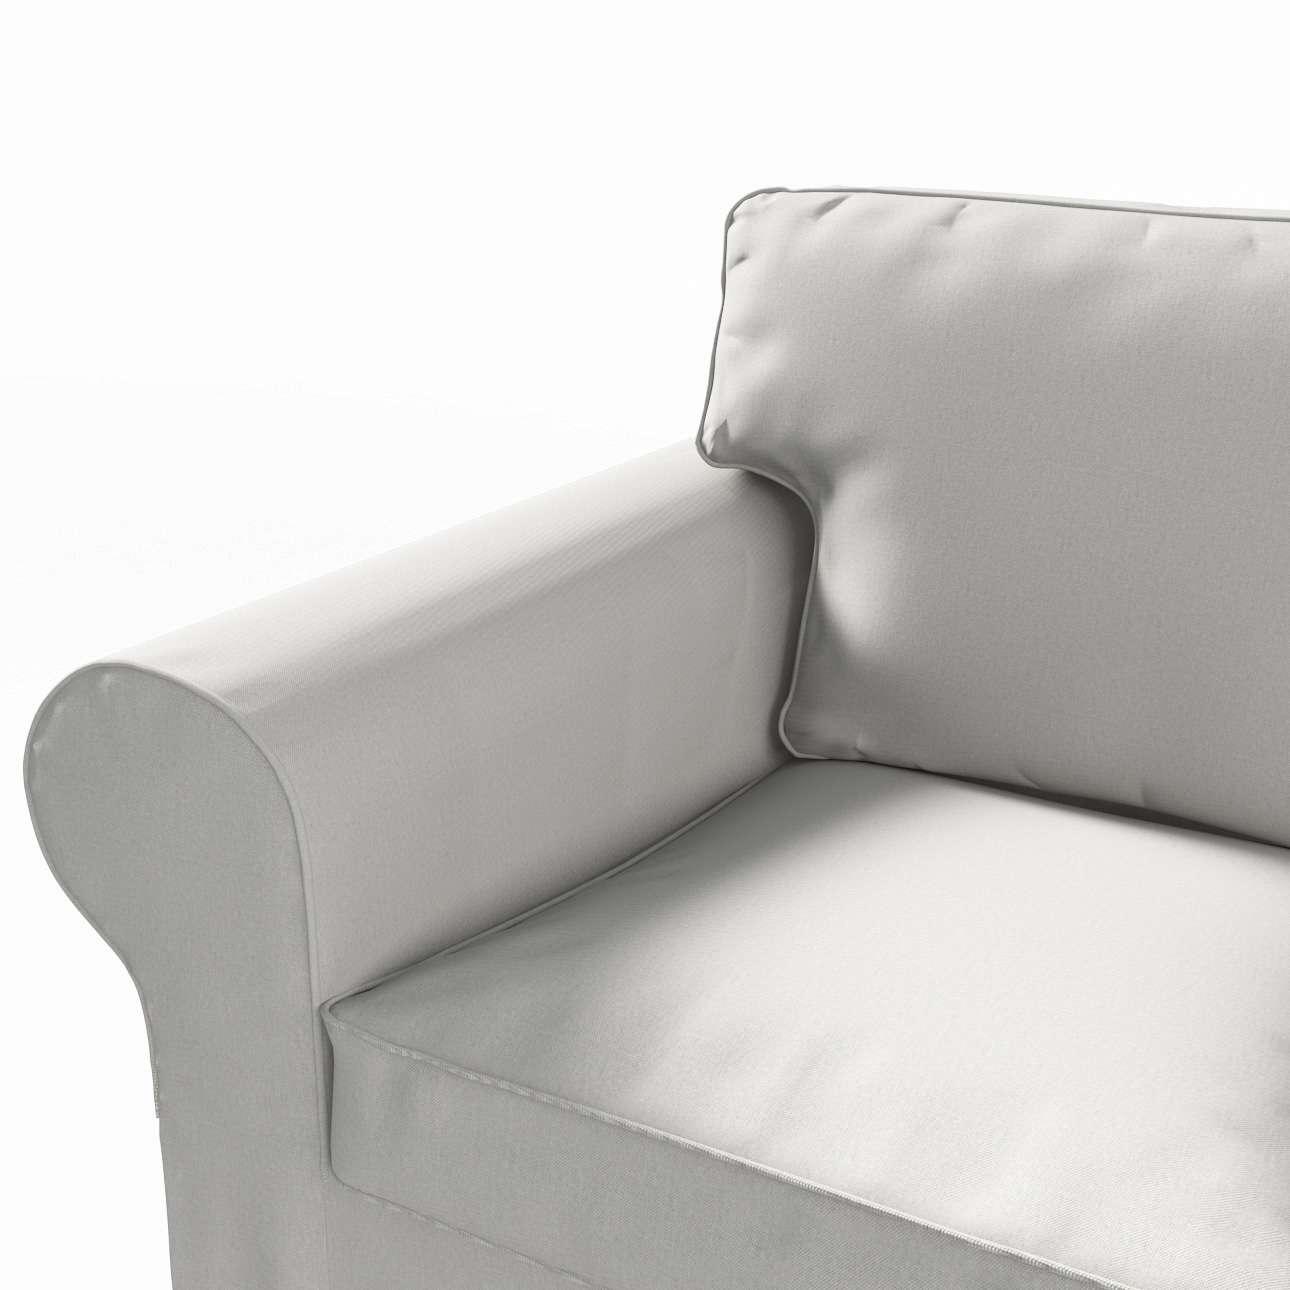 Ektorp trivietės sofos-lovos užvalkalas Ektorp trivietė sofa-lova kolekcijoje Etna , audinys: 705-90